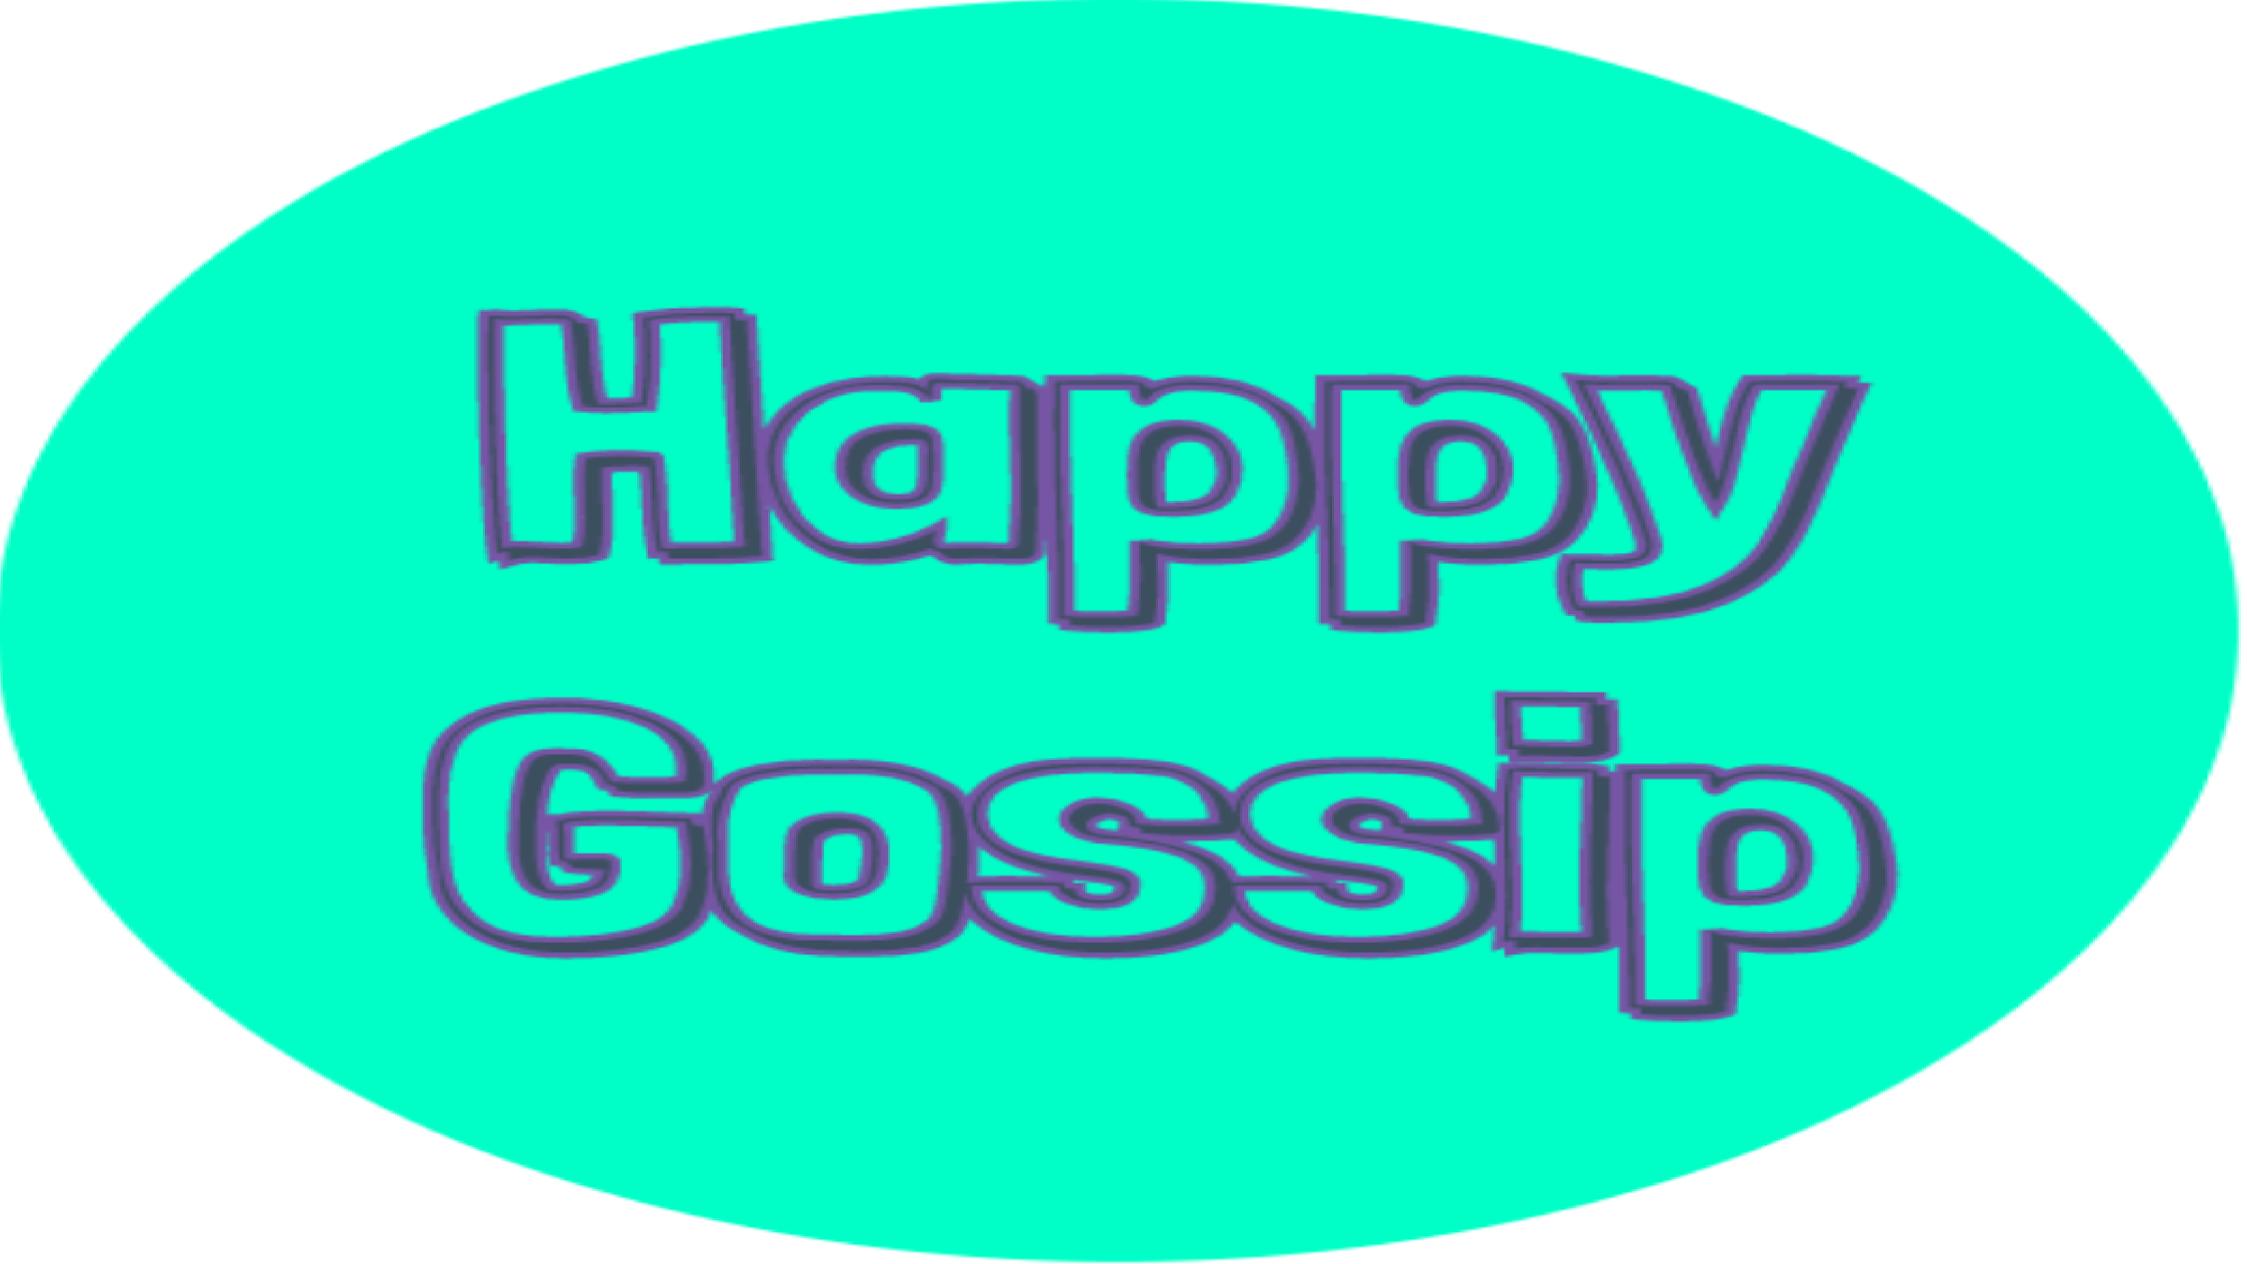 Happy Gossip